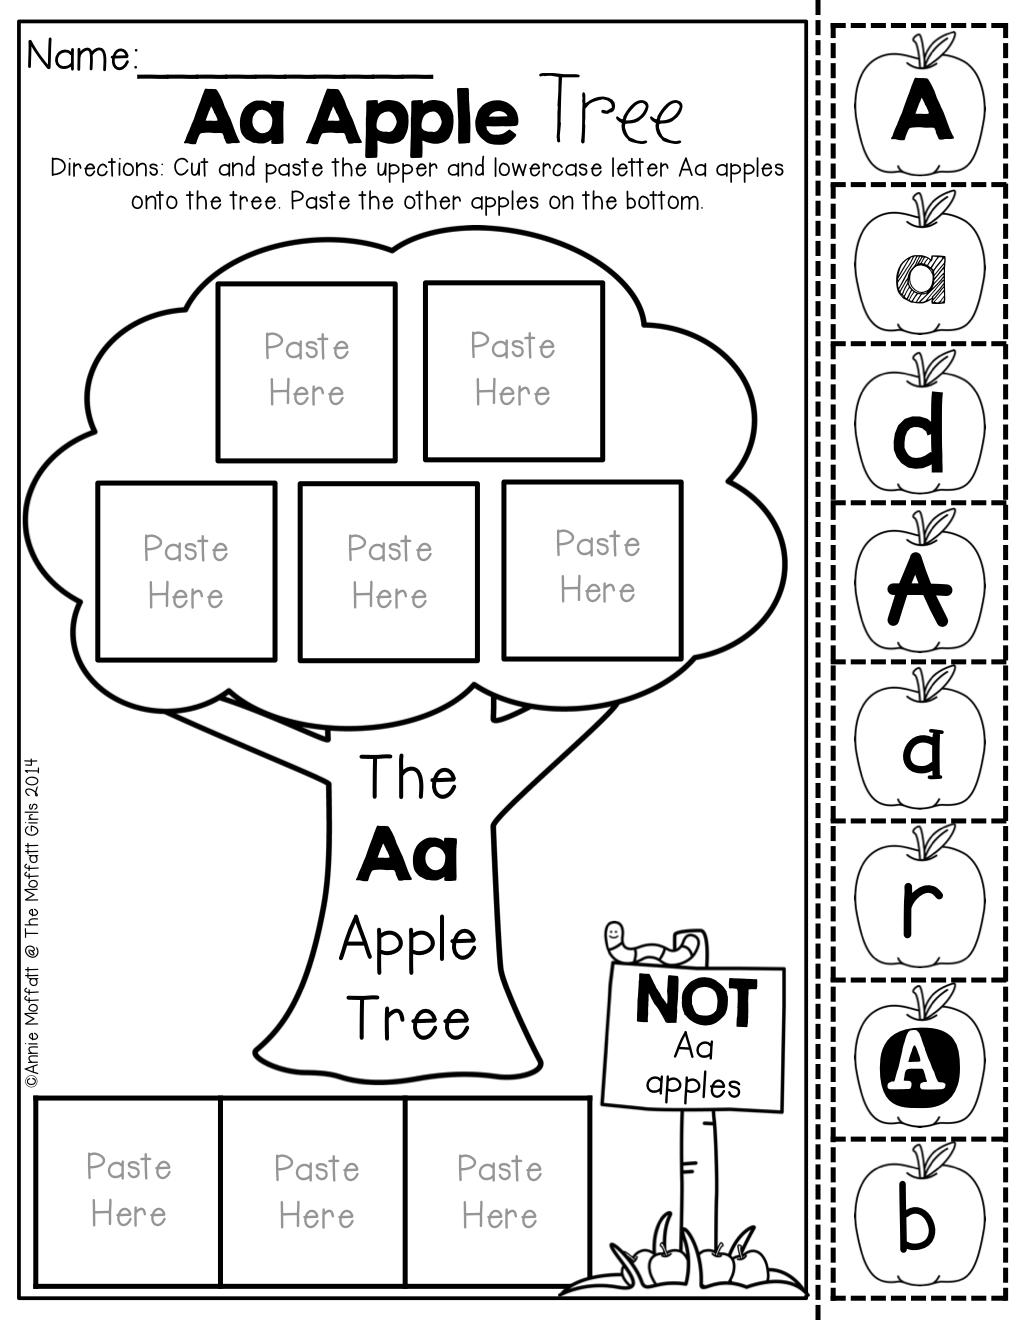 alphabet apple tree letter sort no prep packet cvc word. Black Bedroom Furniture Sets. Home Design Ideas